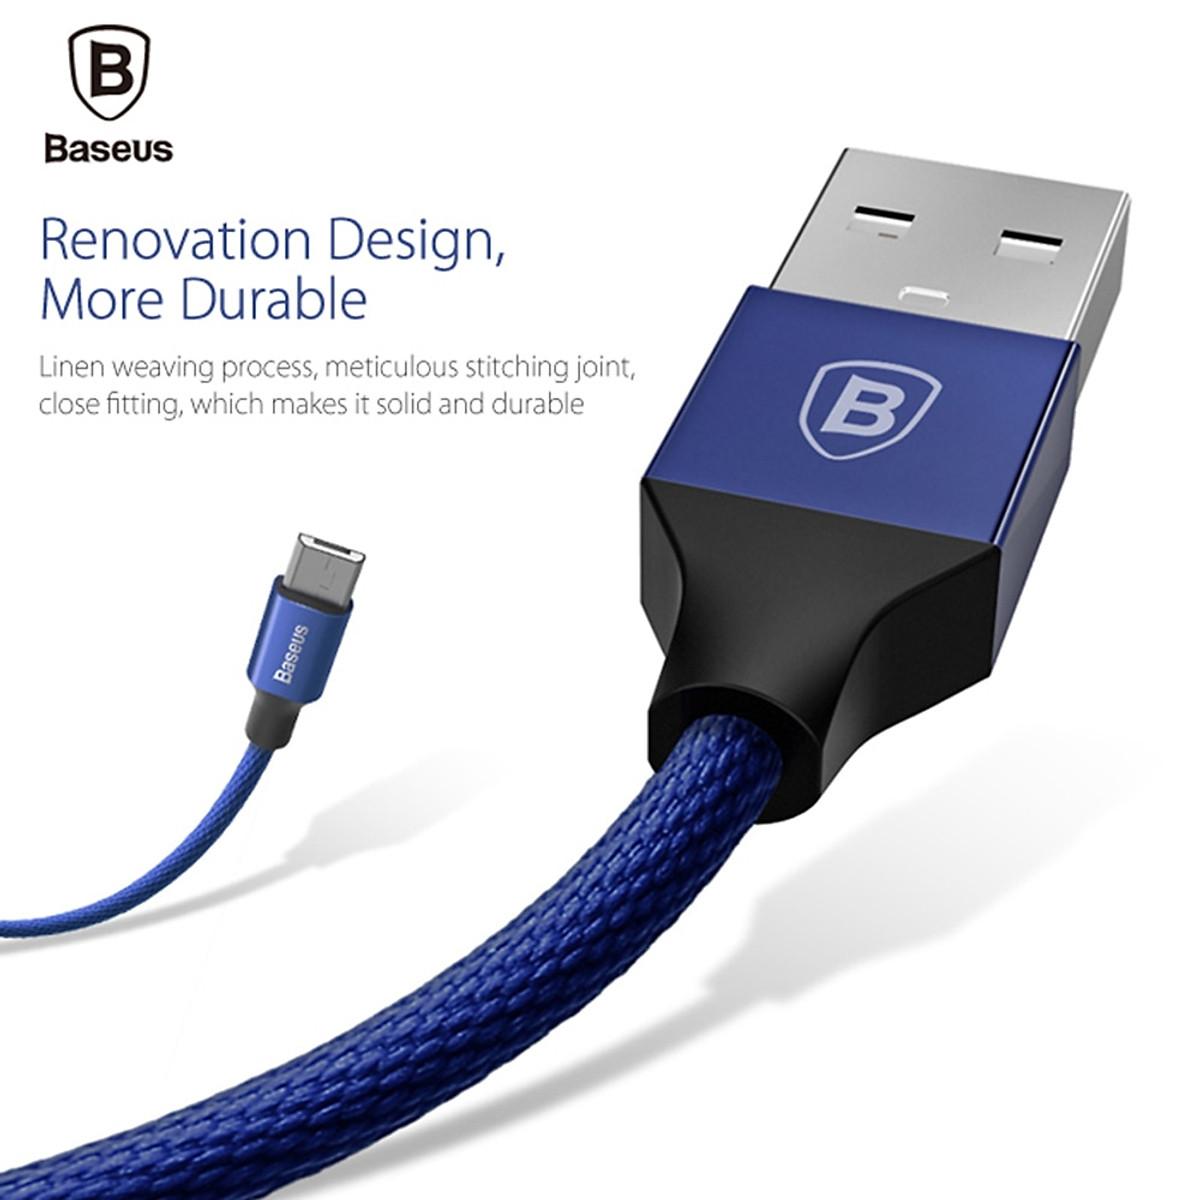 Cáp sạc USB ra Micro USB Baseus Yiven dài 1m - Hàng chính hãng - 5